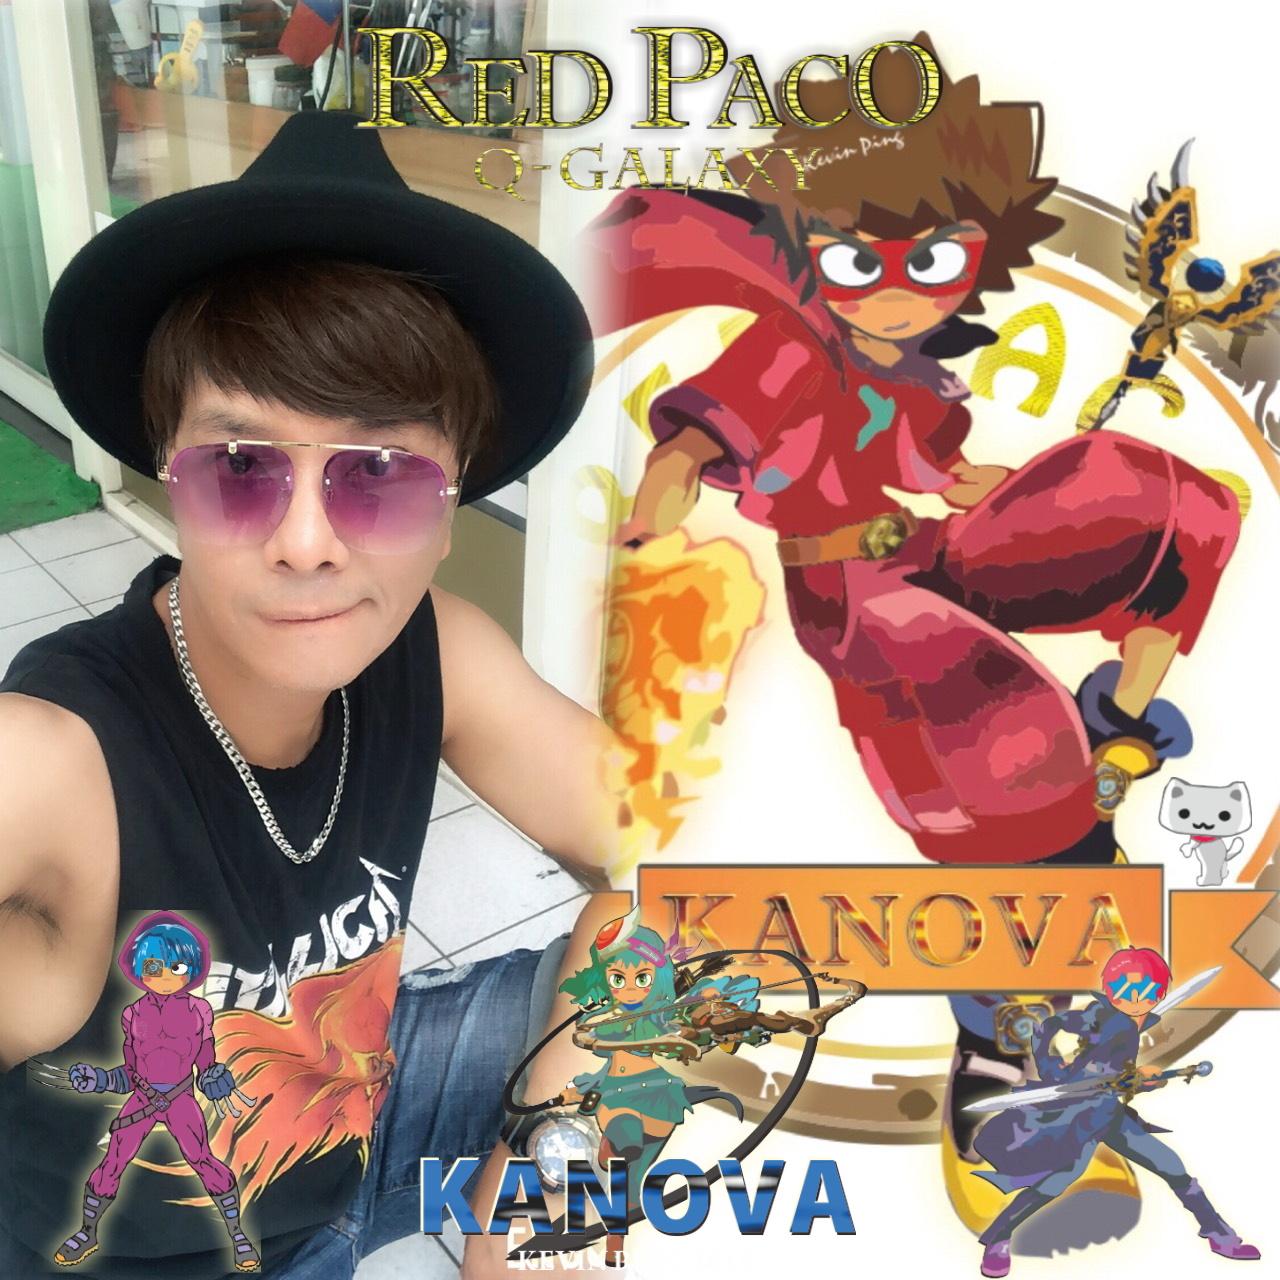 徐瑋 + Red Paco Brother's 帕可兄弟-卡諾瓦星球,科幻冒險故事新經典